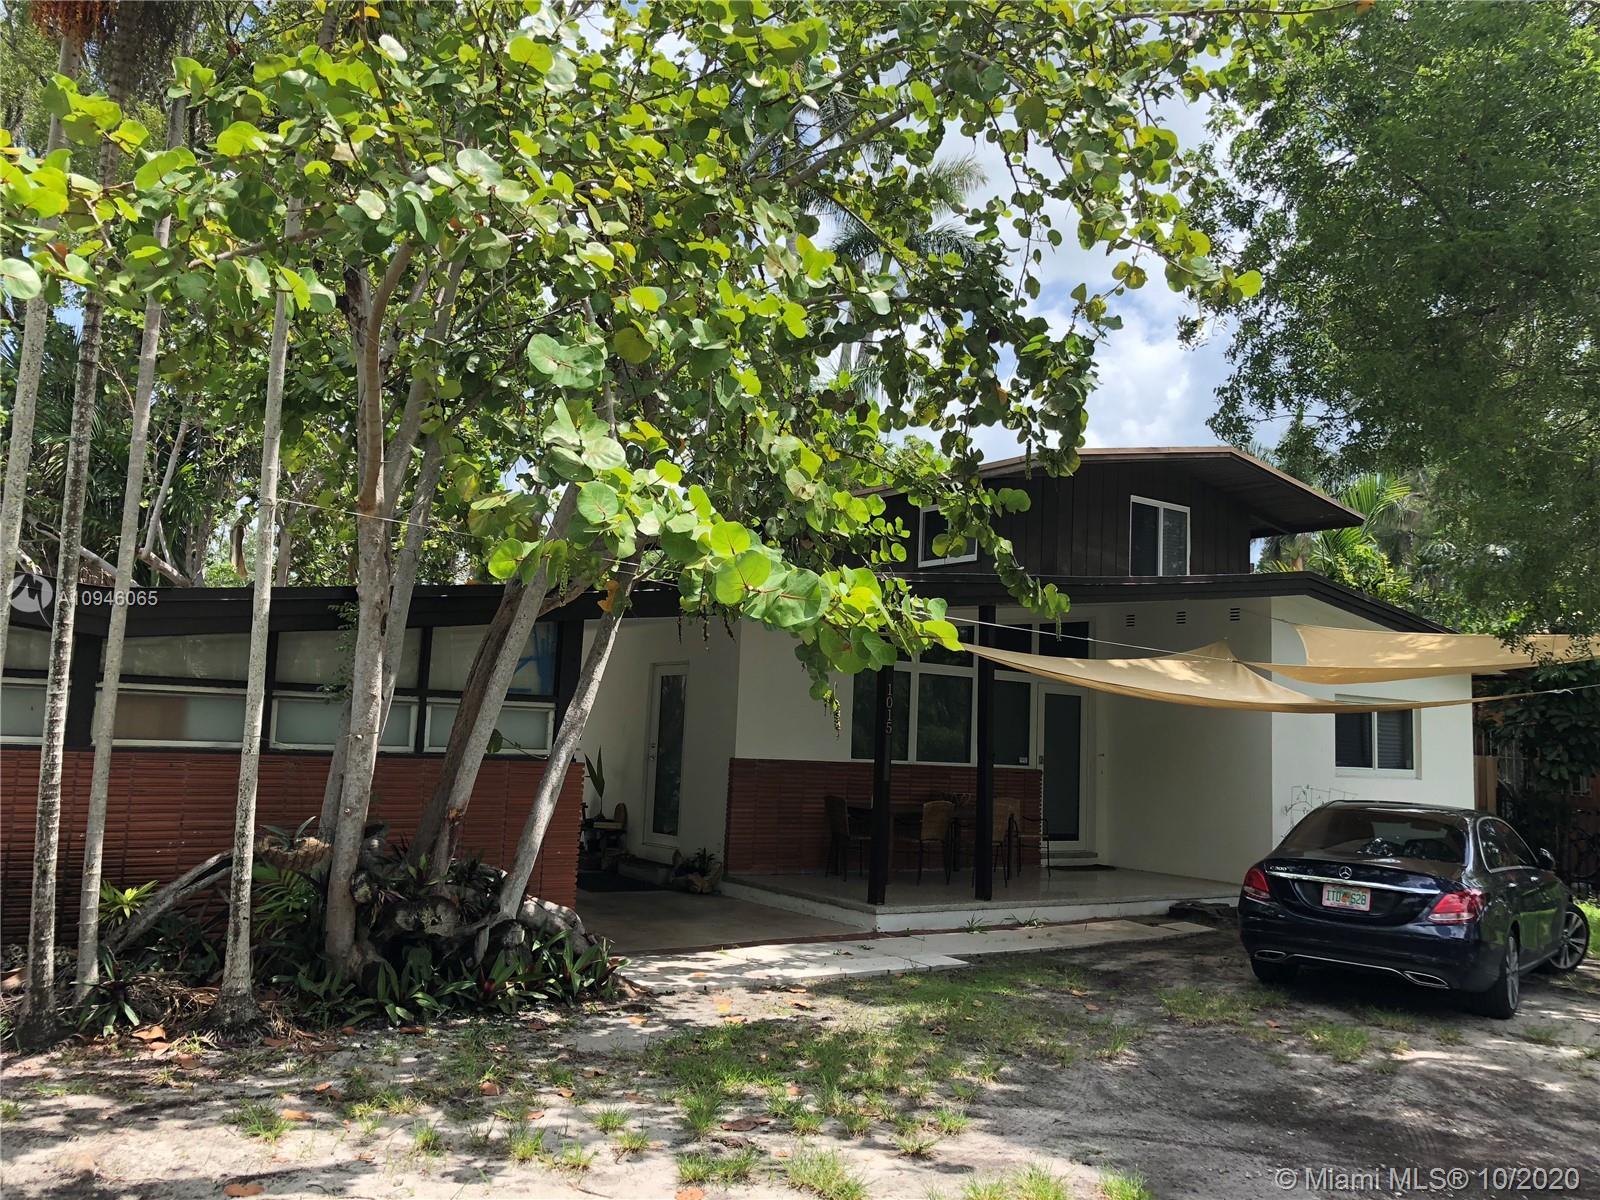 Shore Crest - 1015 NE 81st St, Miami, FL 33138